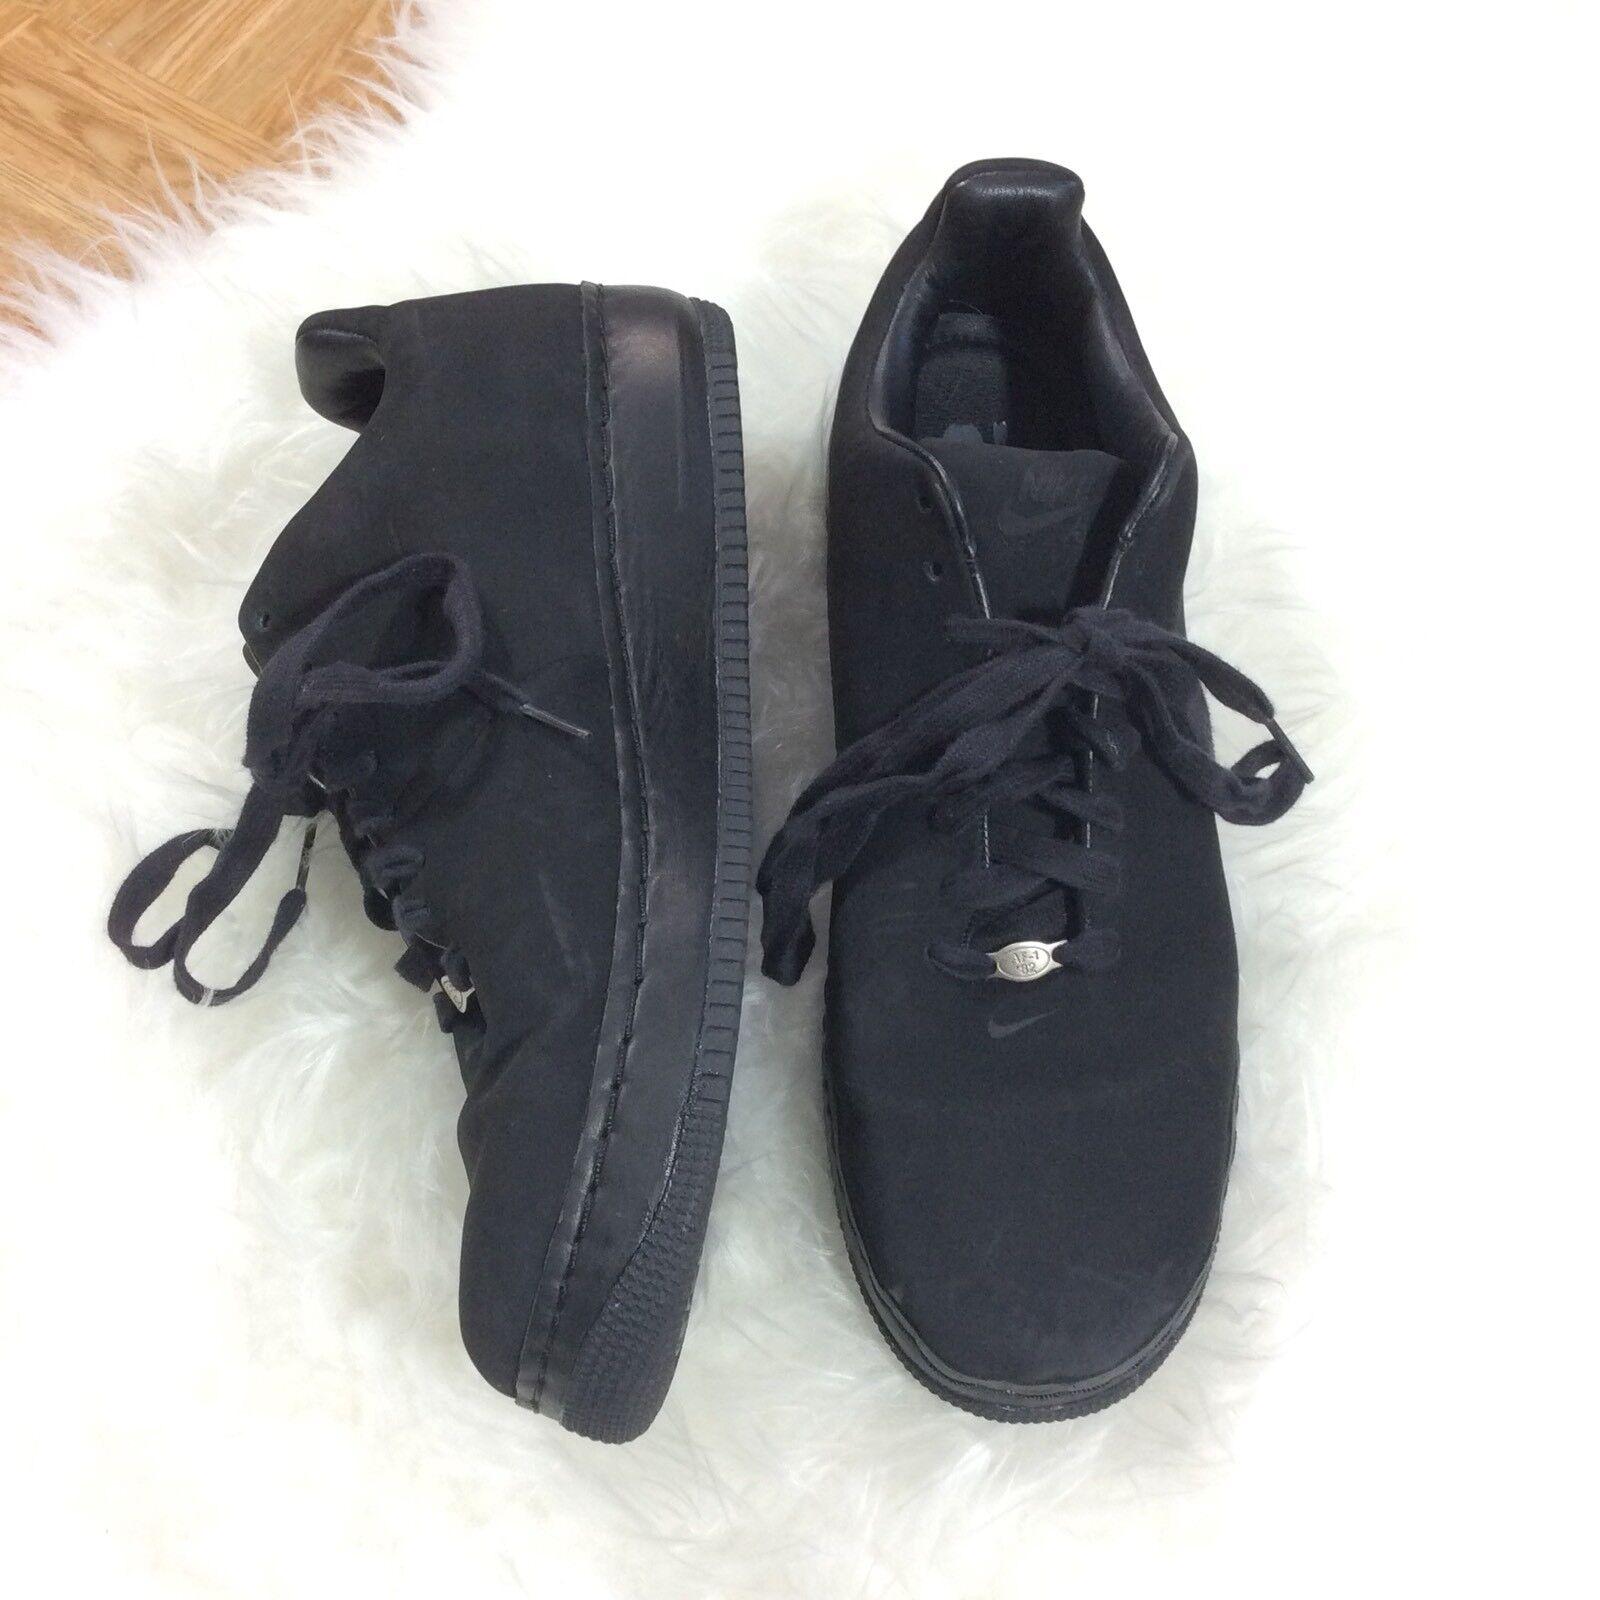 Nike air force 1 eines obersten niedrigen niedrigen niedrigen ds schwarzen wildleder männer größe 14 312685-002 nestlö ffcb2e